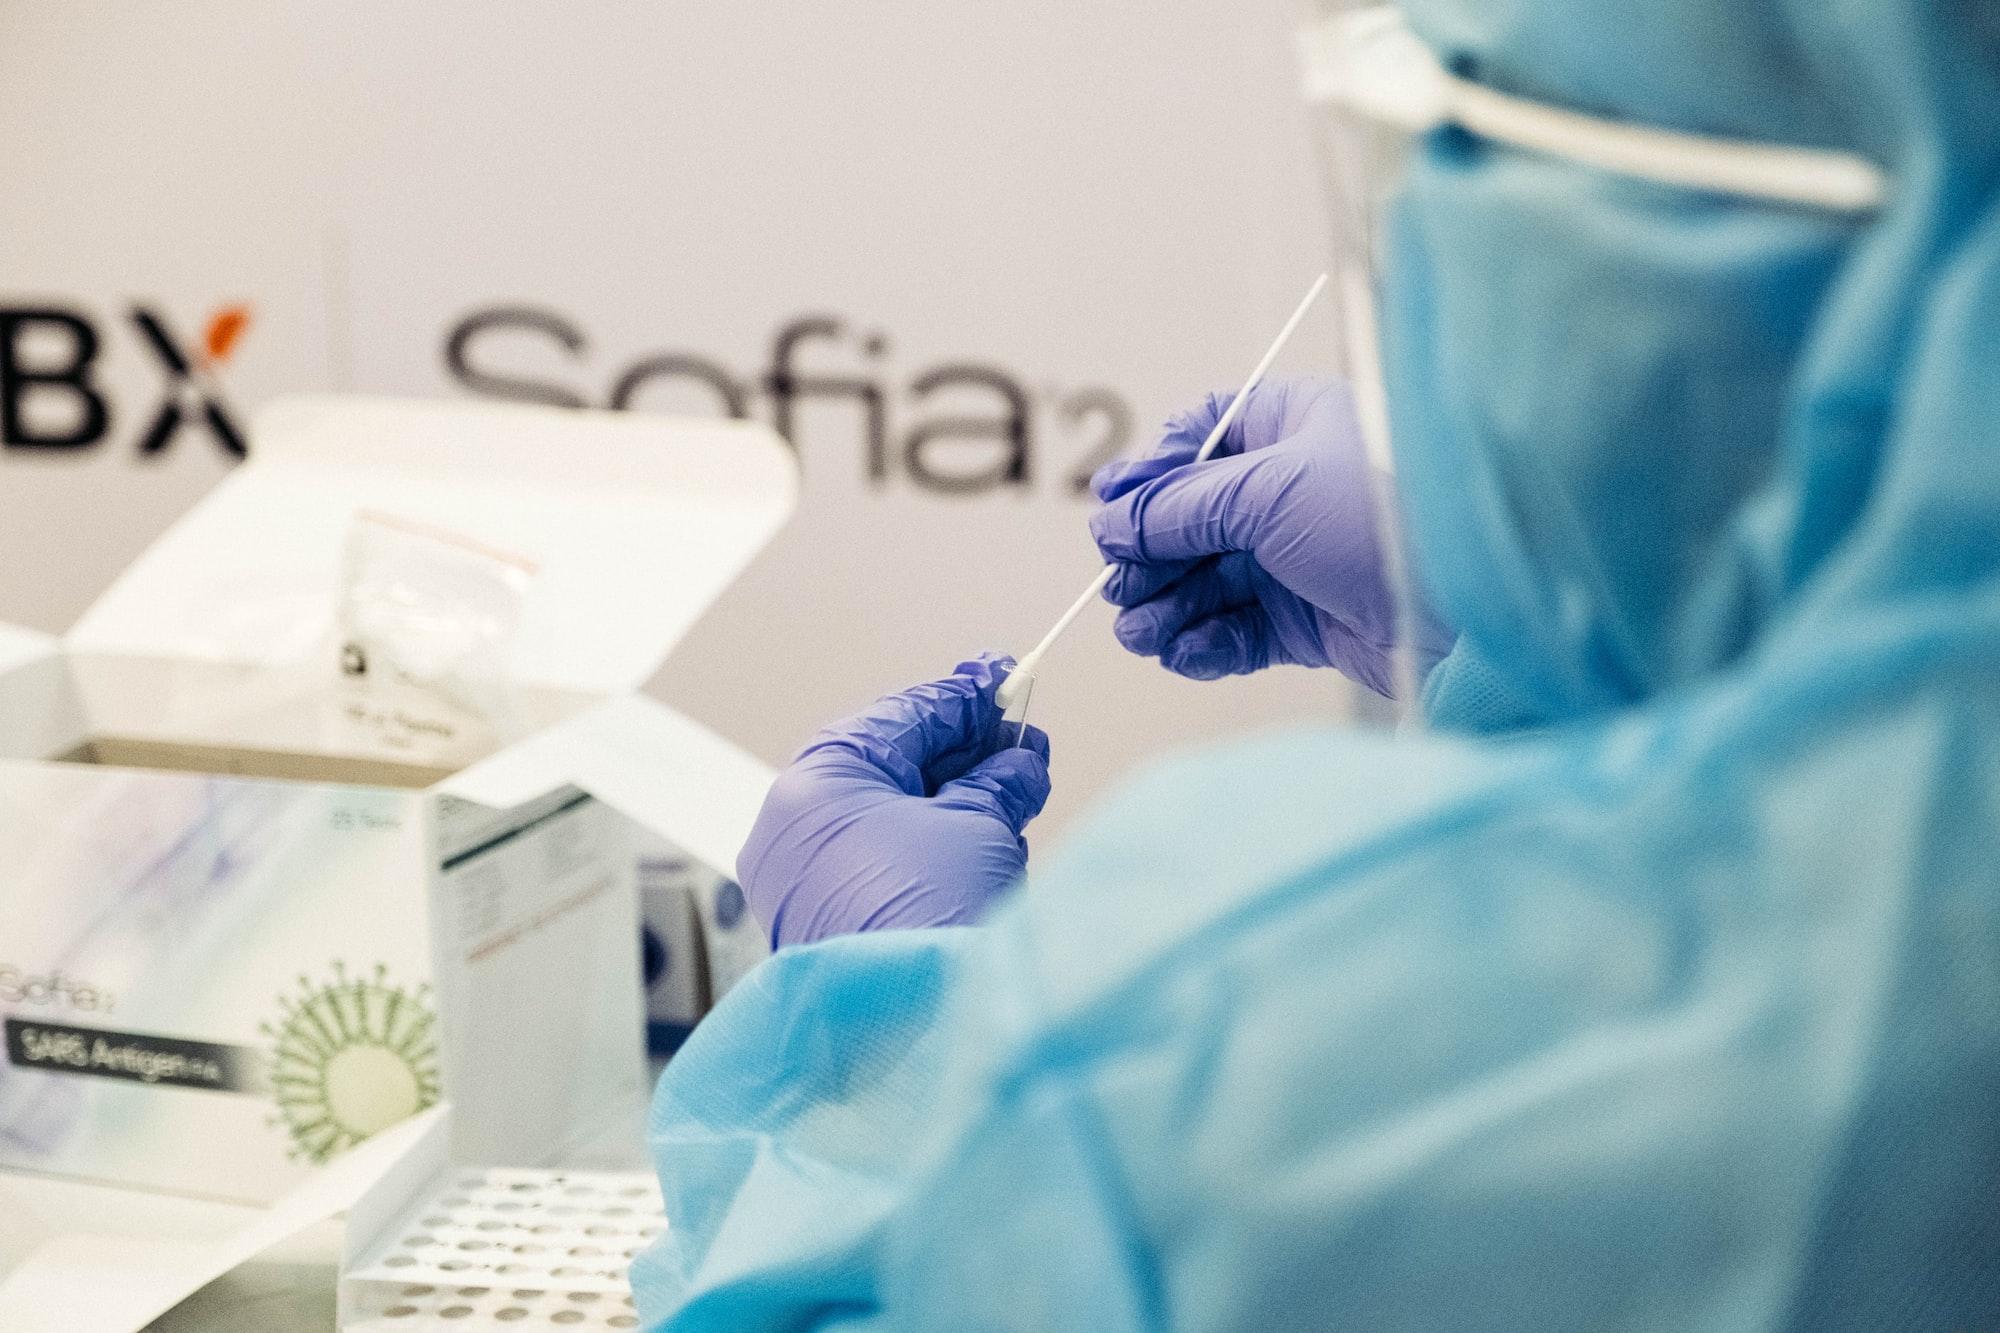 Reino Unido recomienda no  vacunar contra Covid-19 a niños de 12 a 15 años